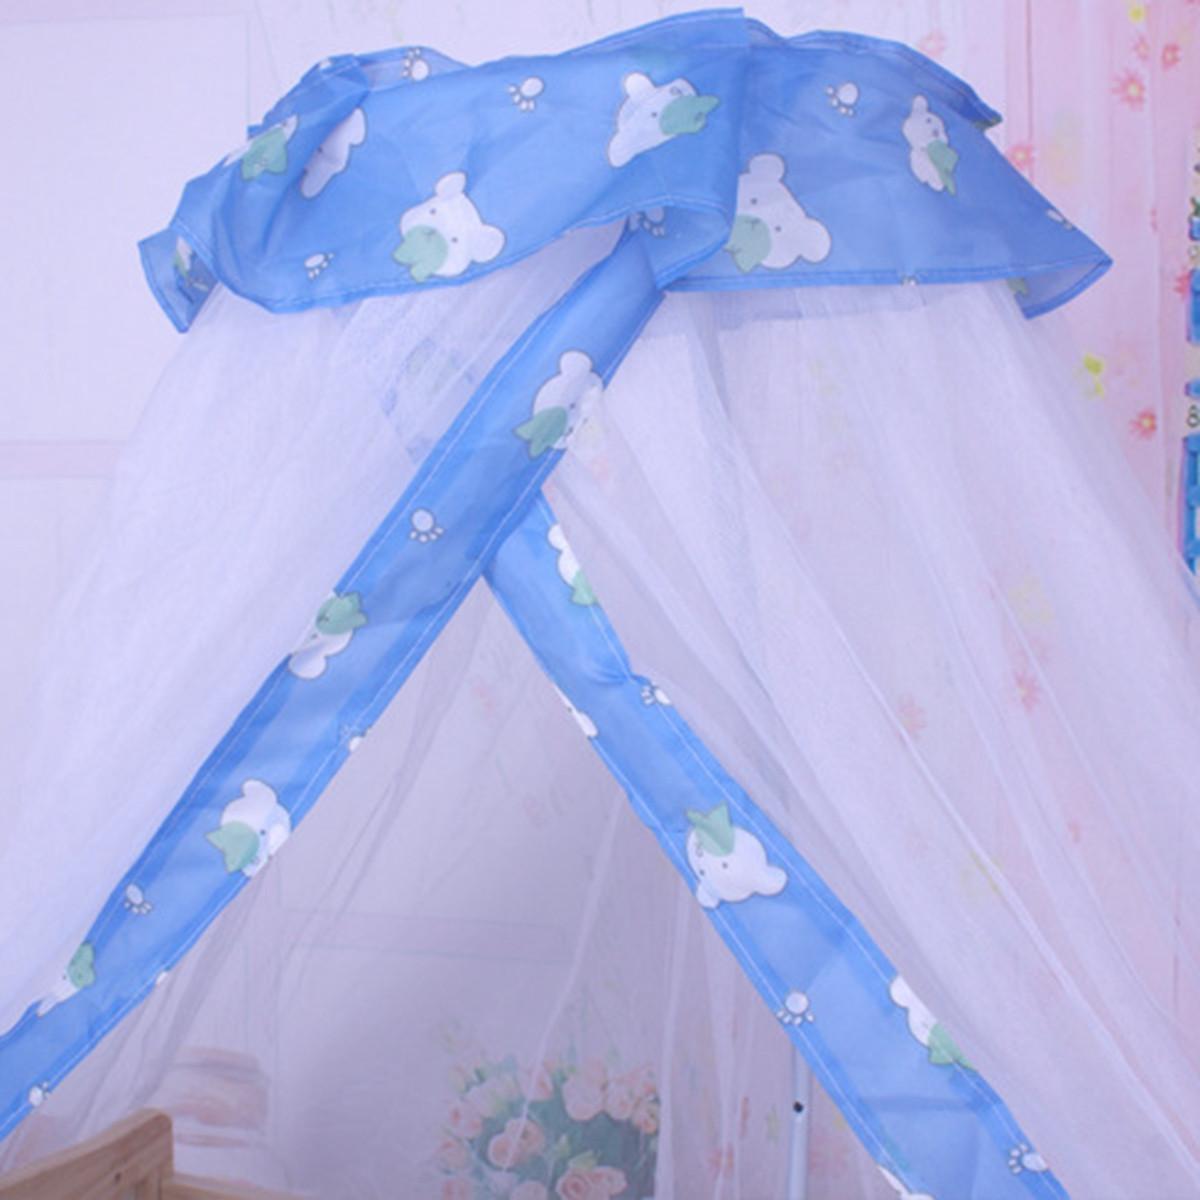 Moustiquaire ciel de lit baldaquin rond enfant b b voile anti insectes chambre jaune achat - Ciel de lit baldaquin ...